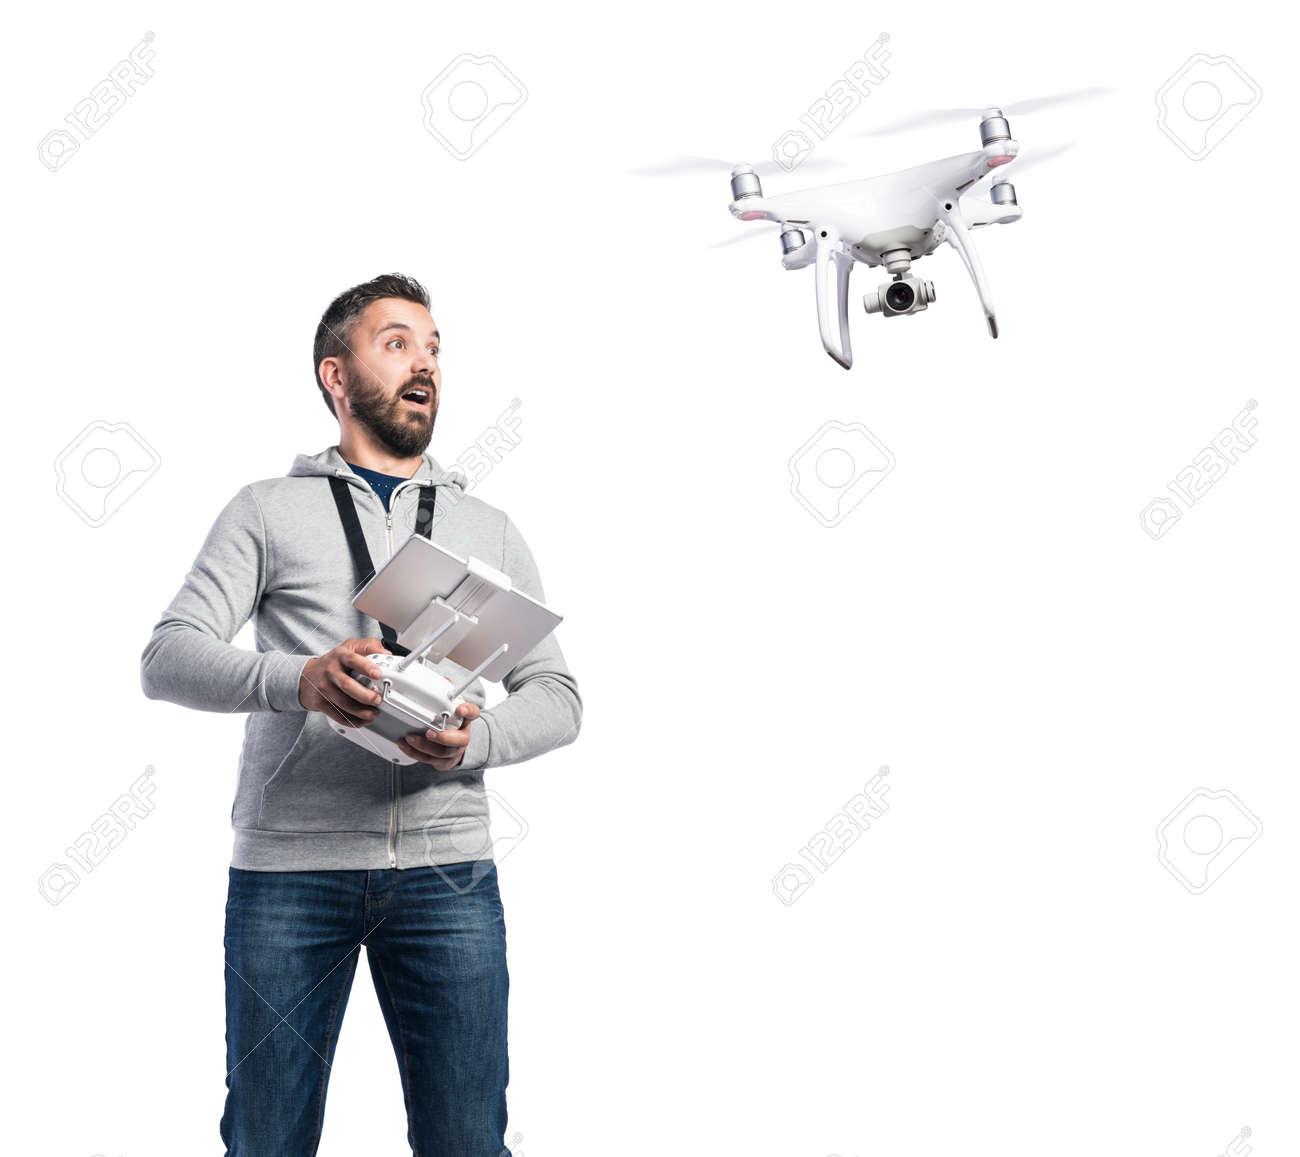 Distancia De BlancoAislado Aviones Sobre Fondo Con No Hombre Y Que Vuelan Estudio Tripulados Mando A La CámaraFoto 8kwn0OP